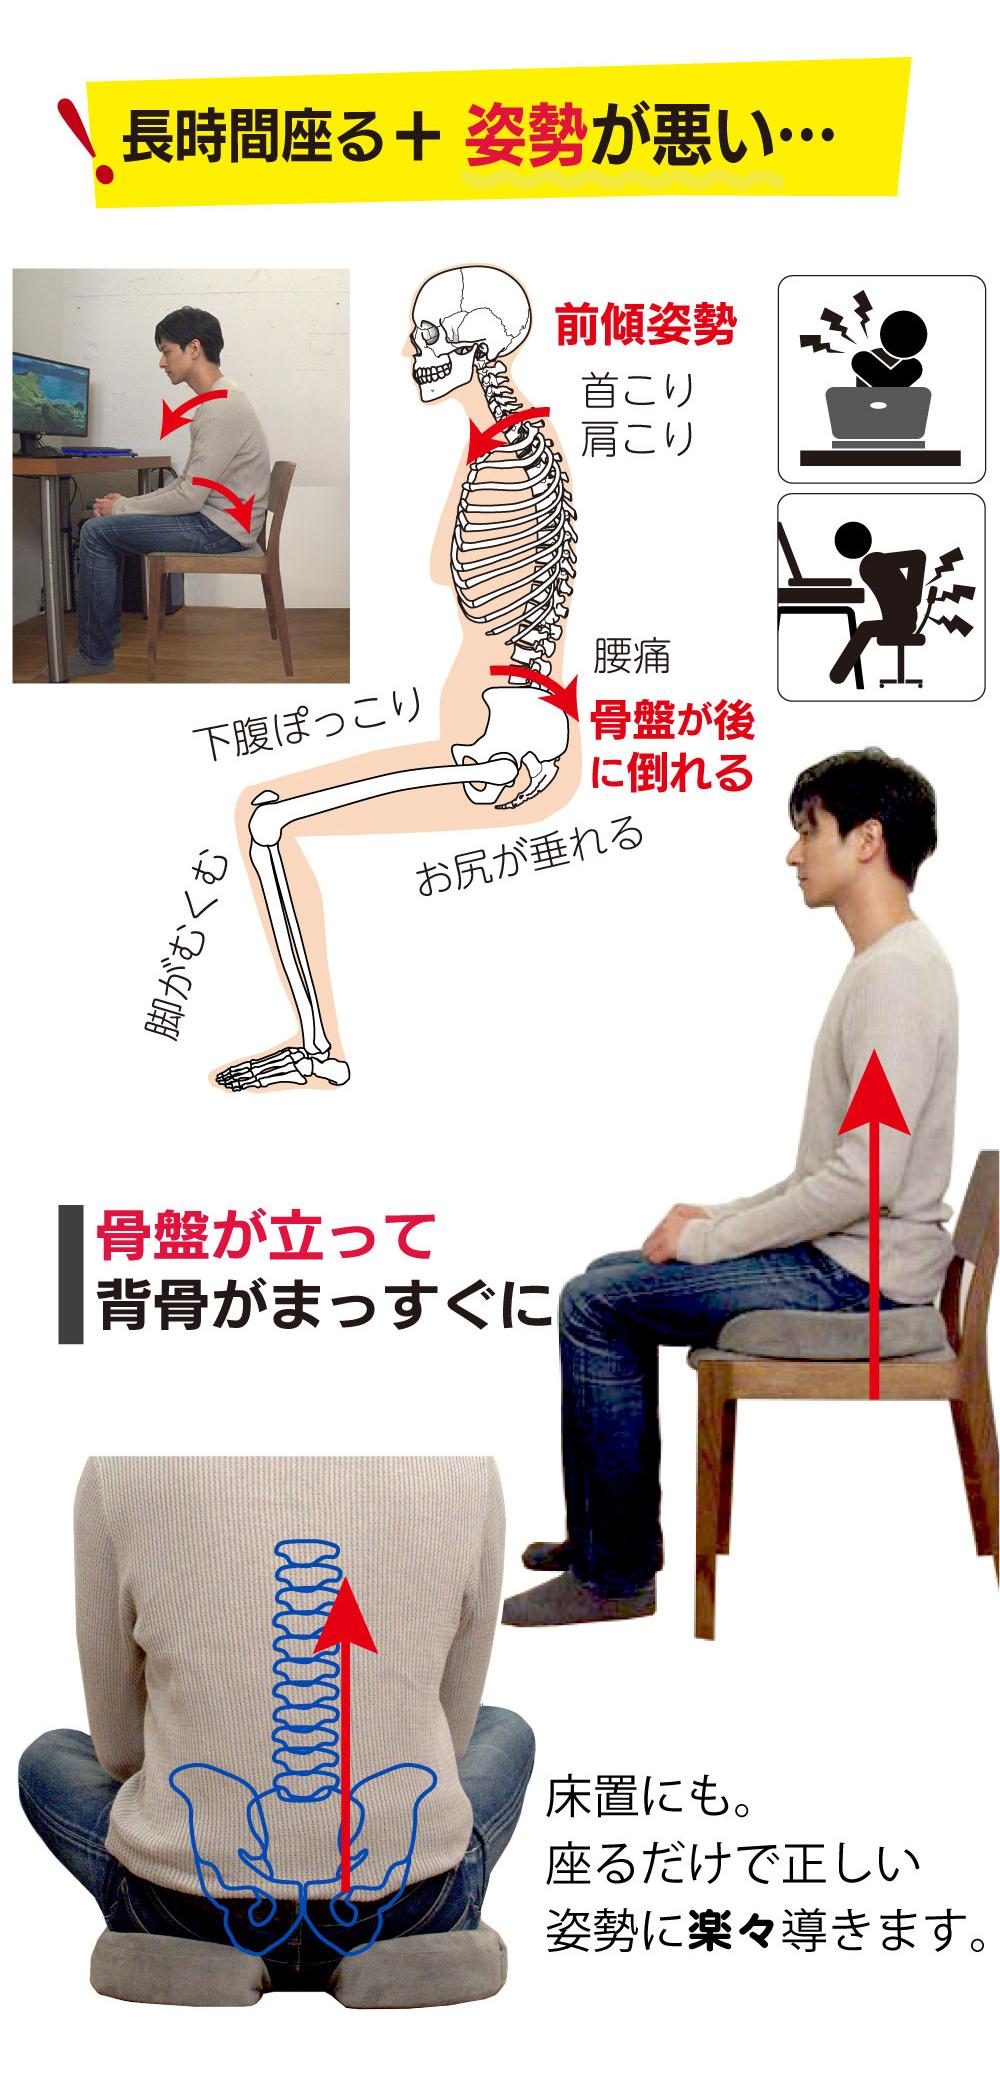 姿勢が悪いと首こり・肩こり・腰痛の原因に。骨盤矯正クッションで正しい姿勢で改善を